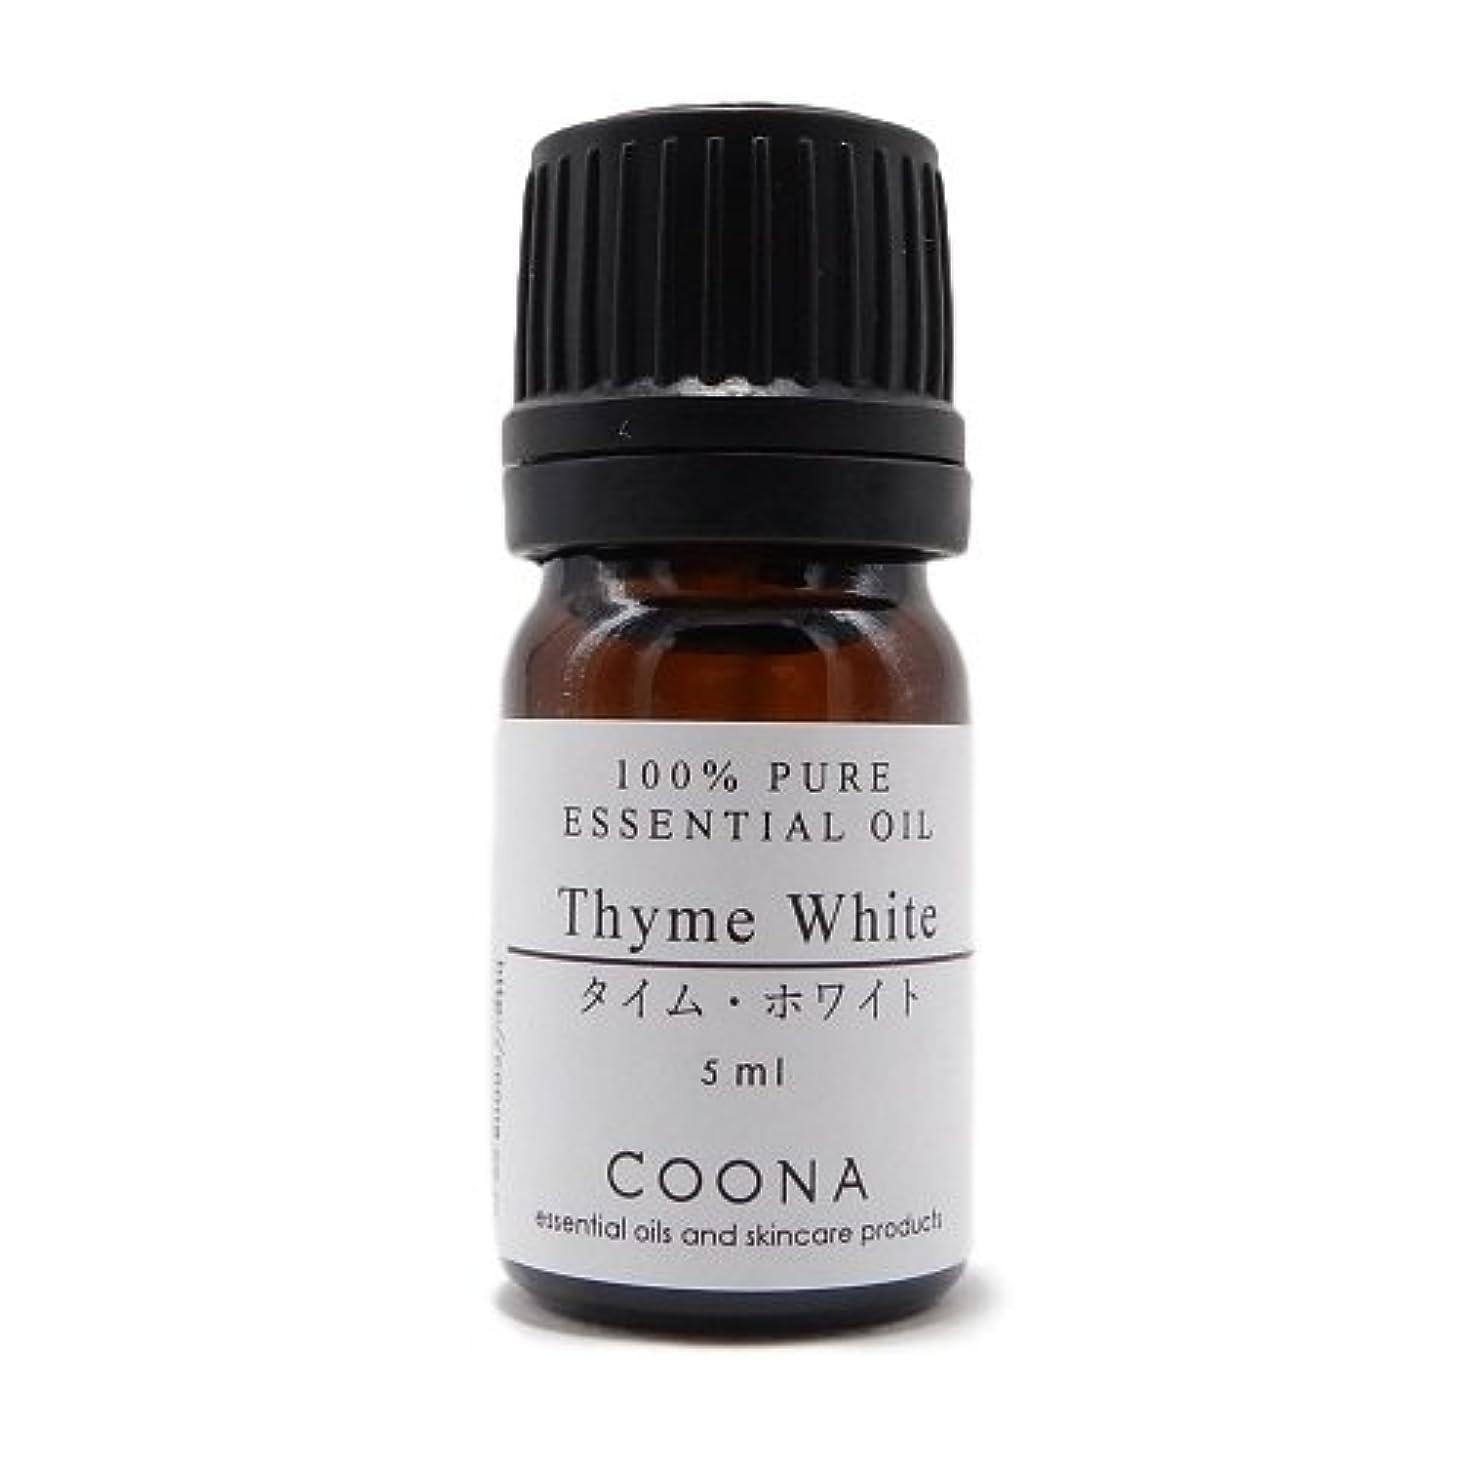 影のある伝統的スリップシューズタイム ホワイト 5 ml (COONA エッセンシャルオイル アロマオイル 100%天然植物精油)